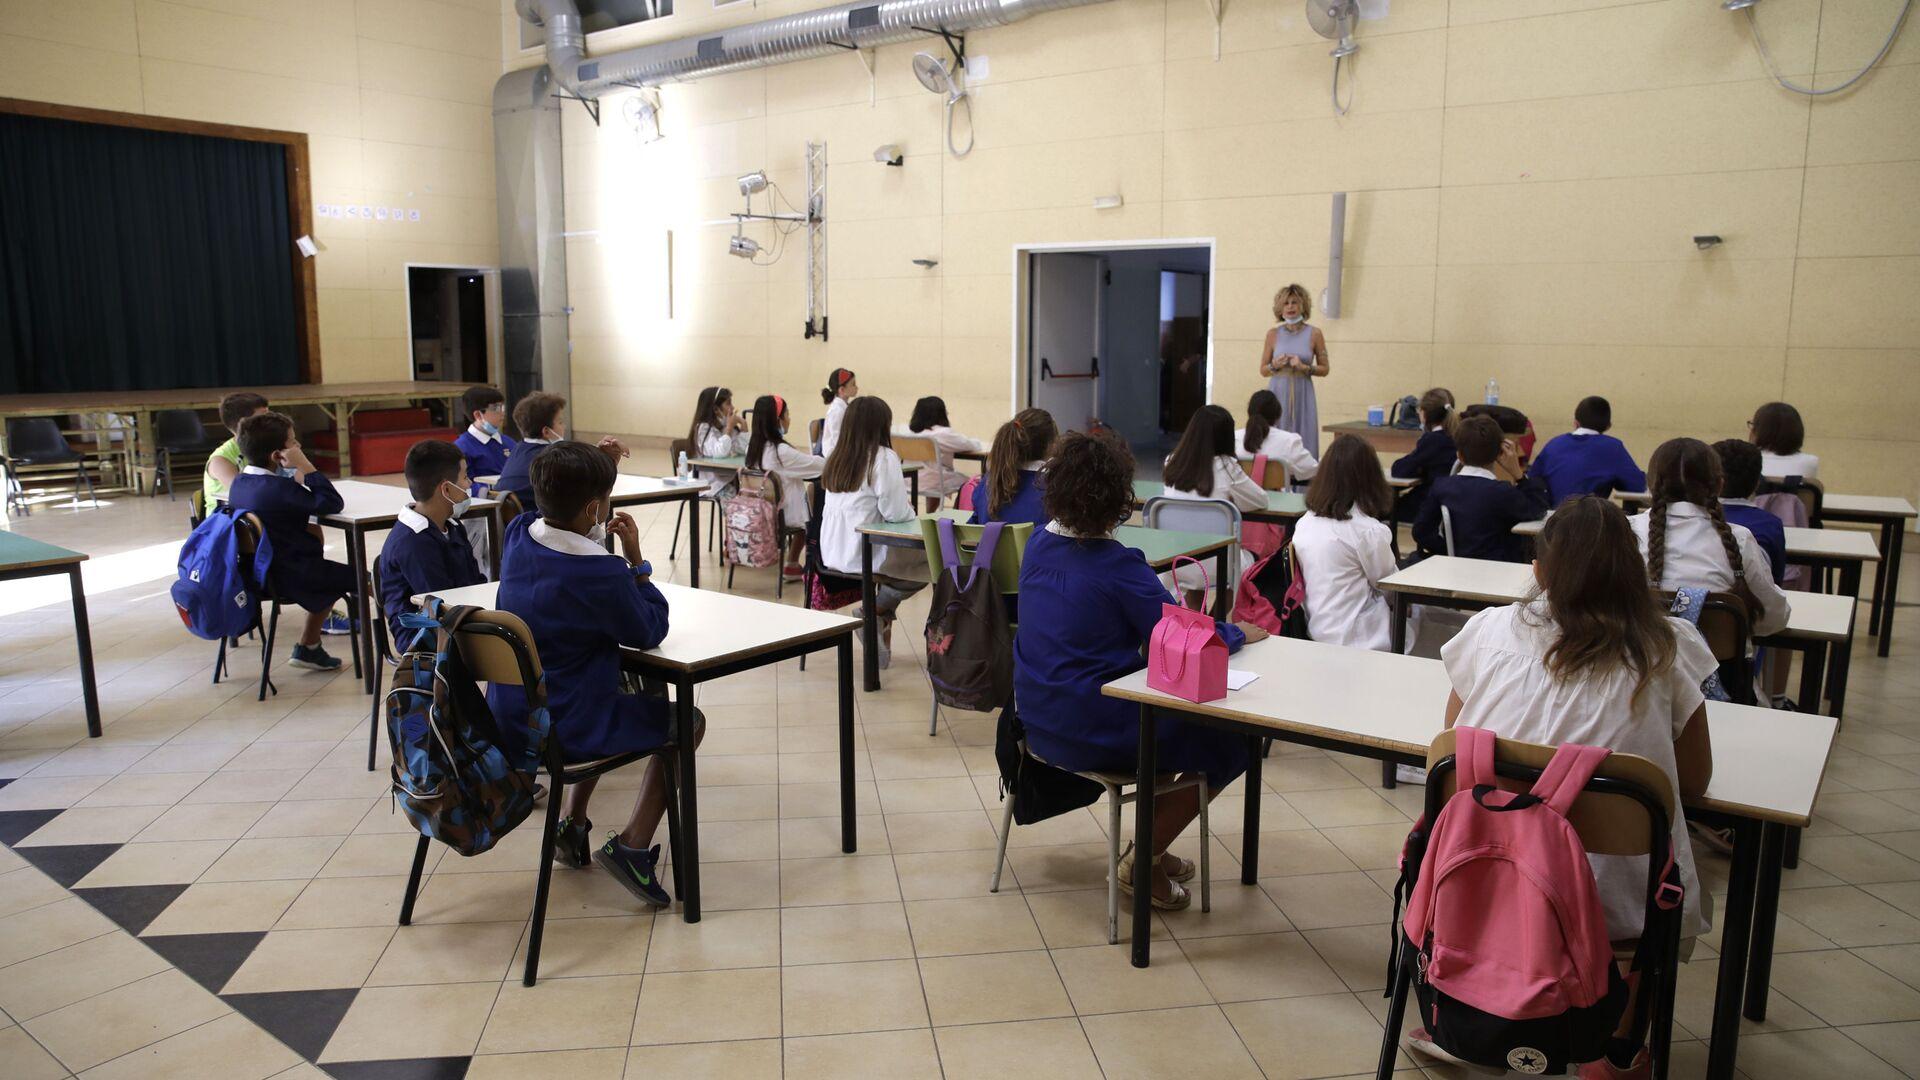 Lezione in una delle scuole a Roma dopo la riapertura, Italia - Sputnik Italia, 1920, 25.05.2021